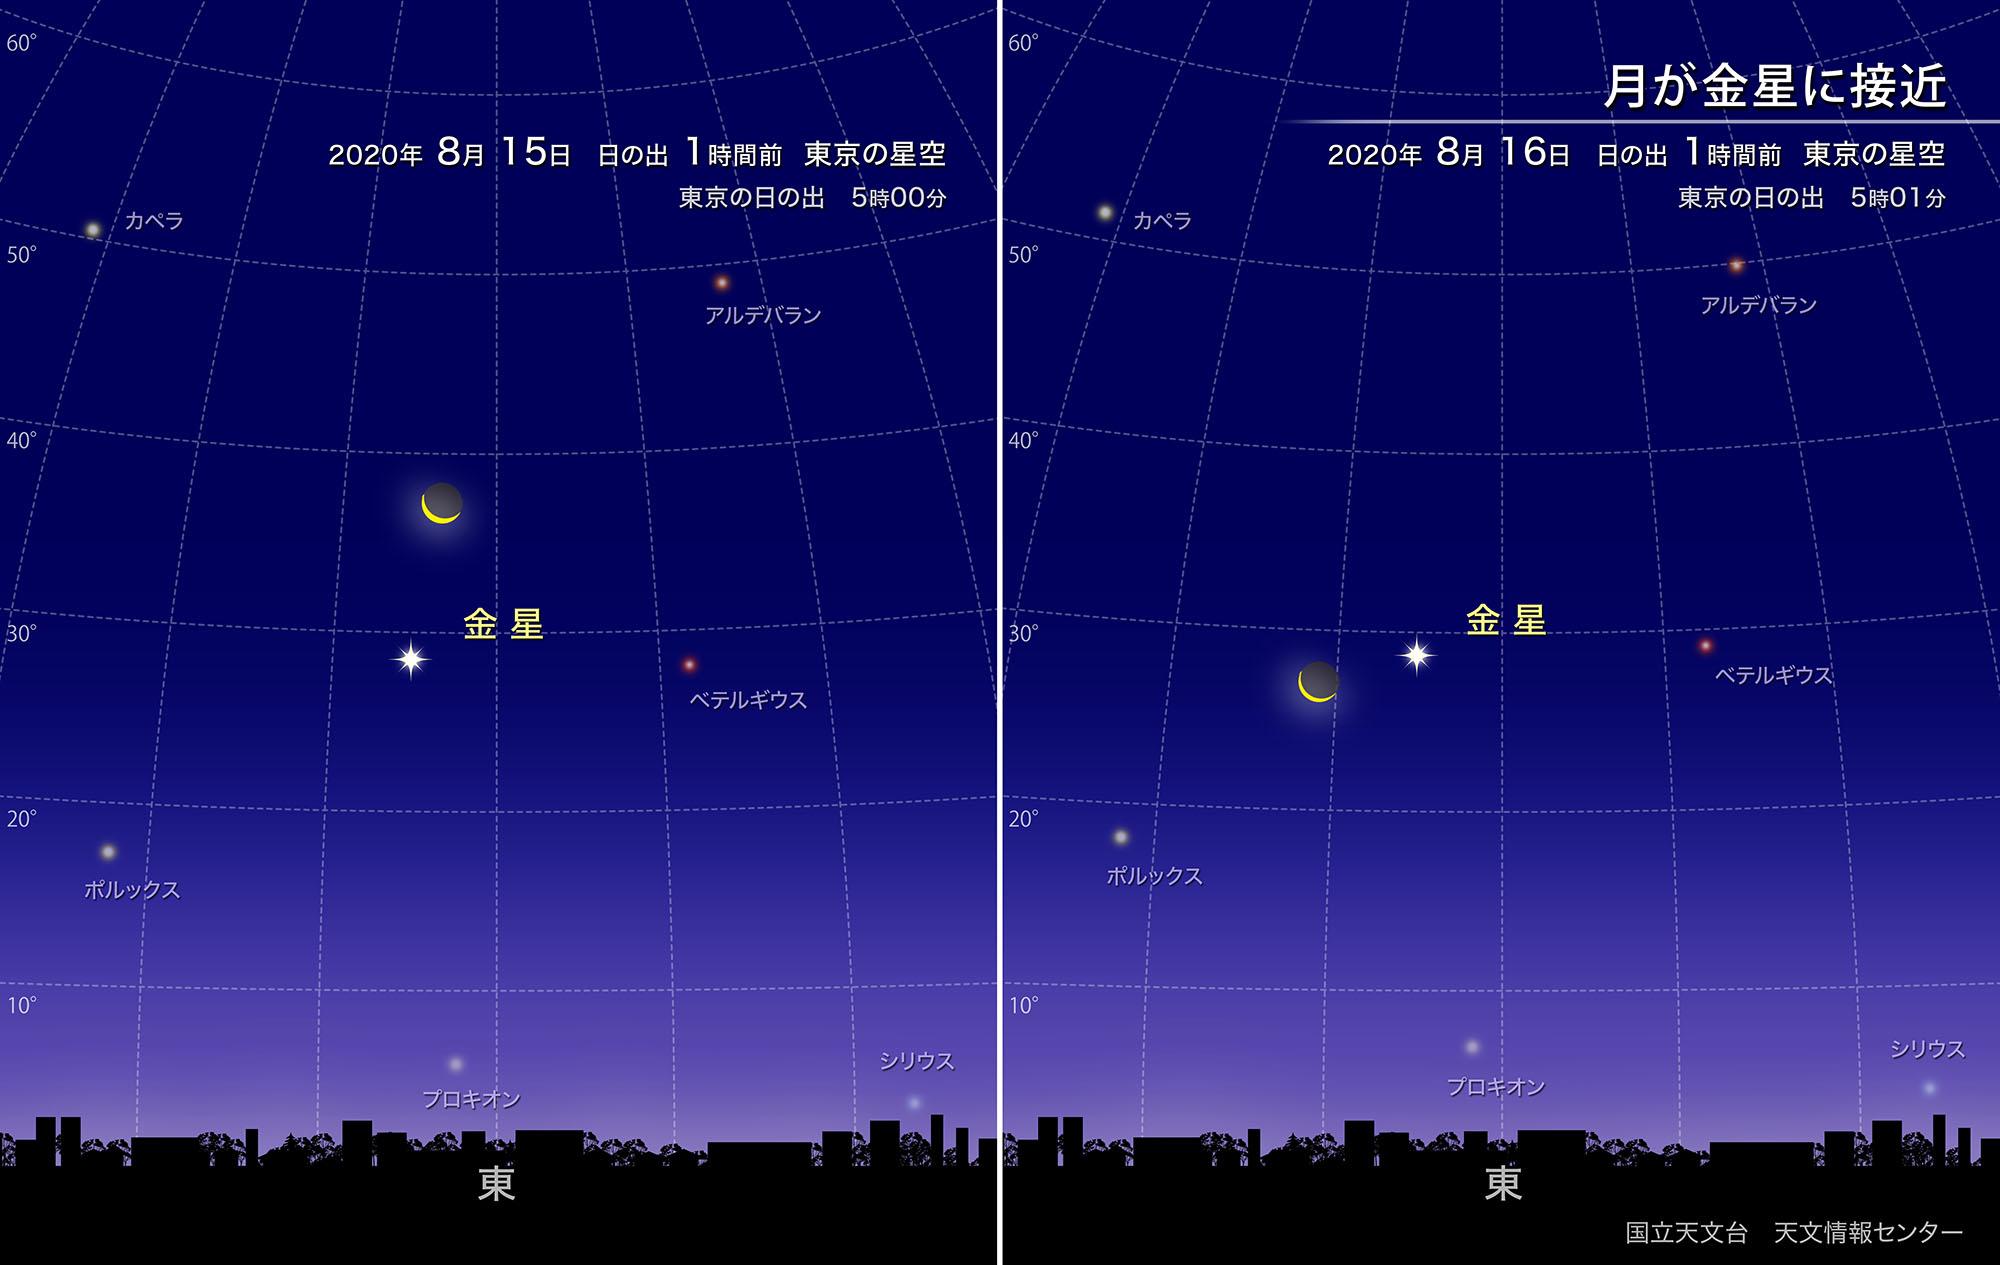 月が金星に接近(2020年8月) | 国立天文台(NAOJ)